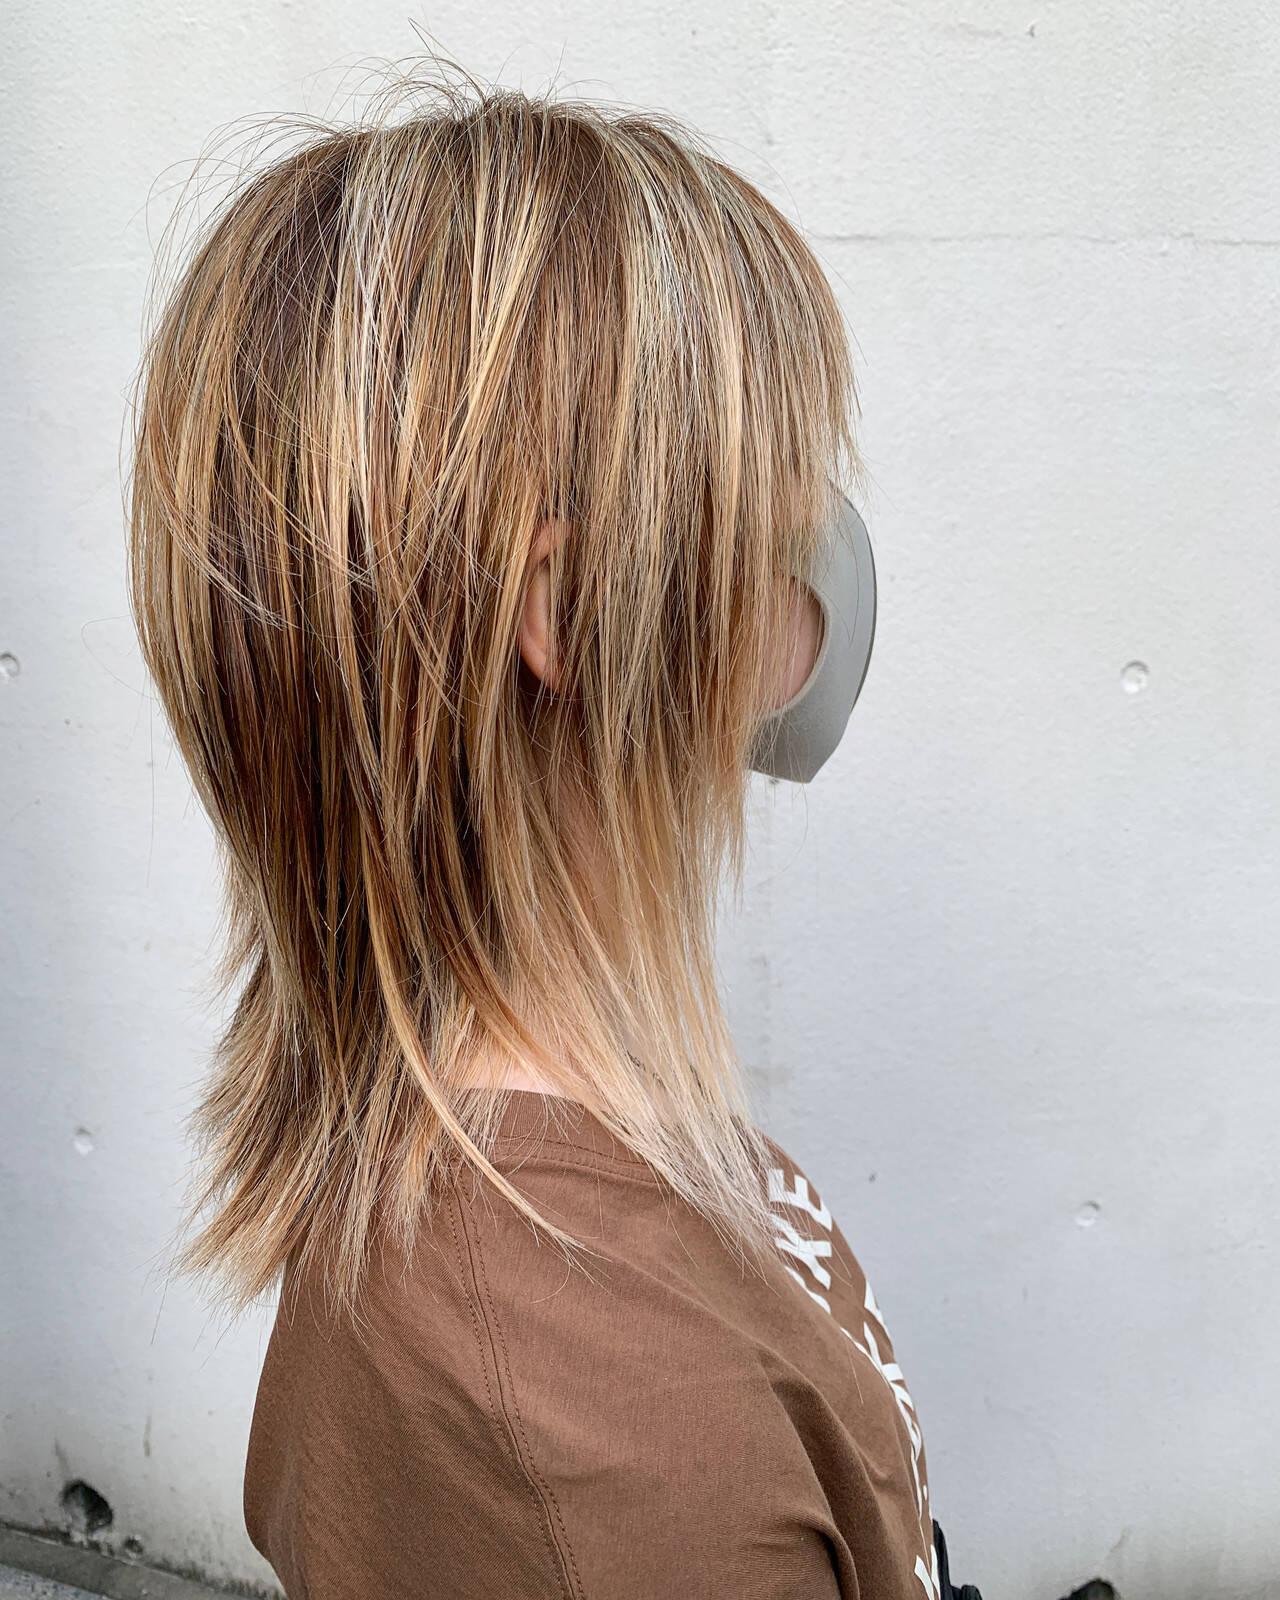 バレイヤージュ ハイライト ブリーチ ホワイトハイライトヘアスタイルや髪型の写真・画像